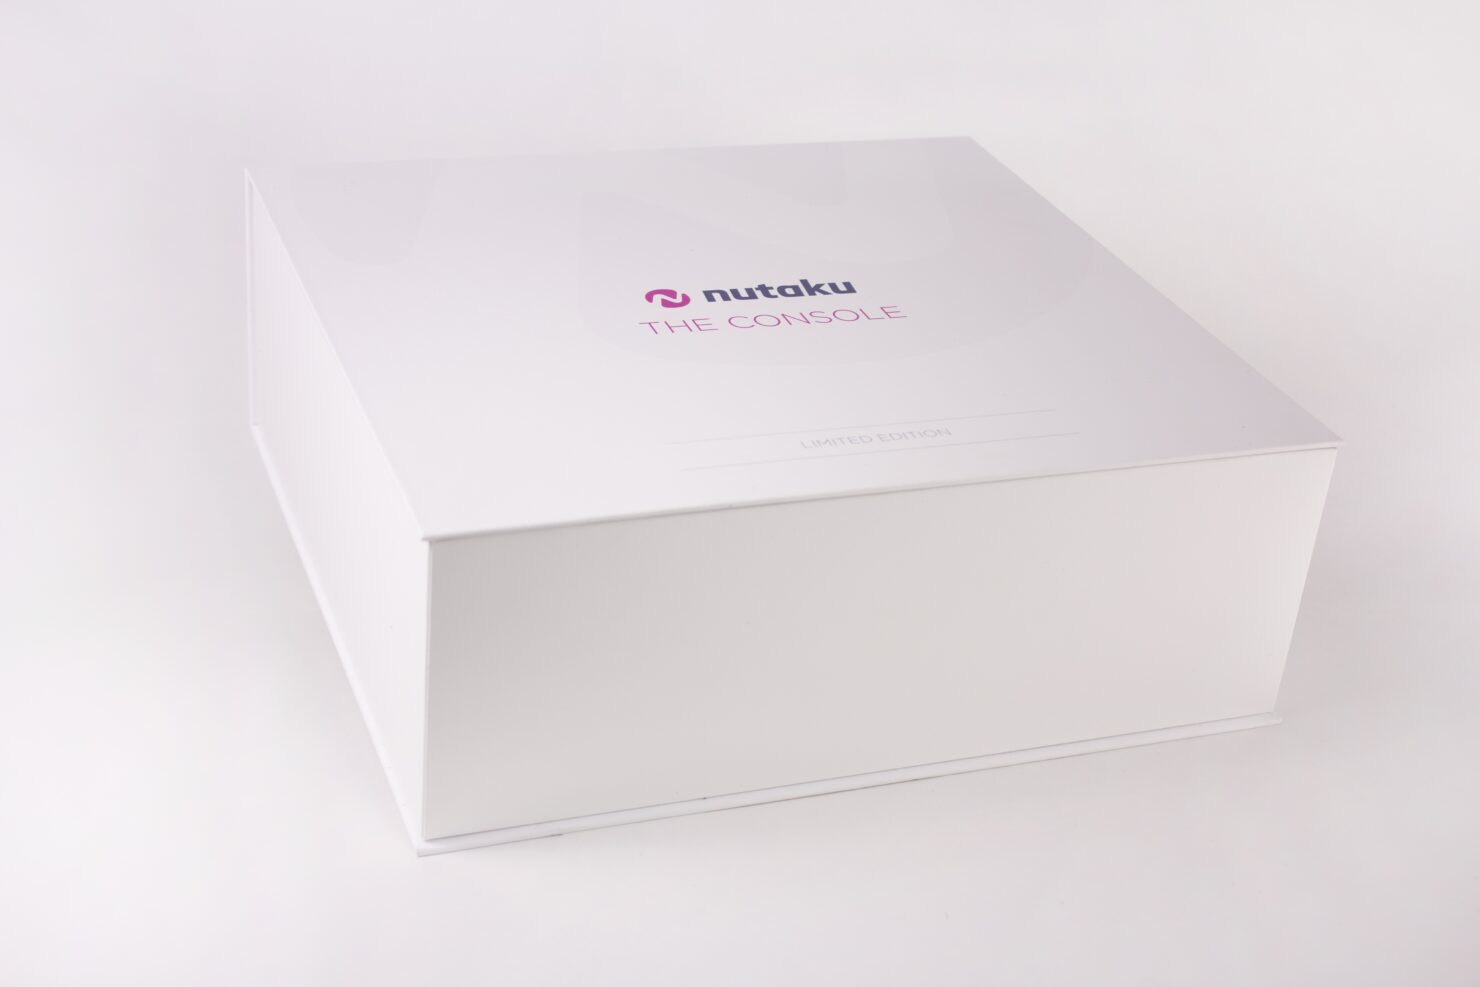 nutaku-adult-console-02-part-2-box